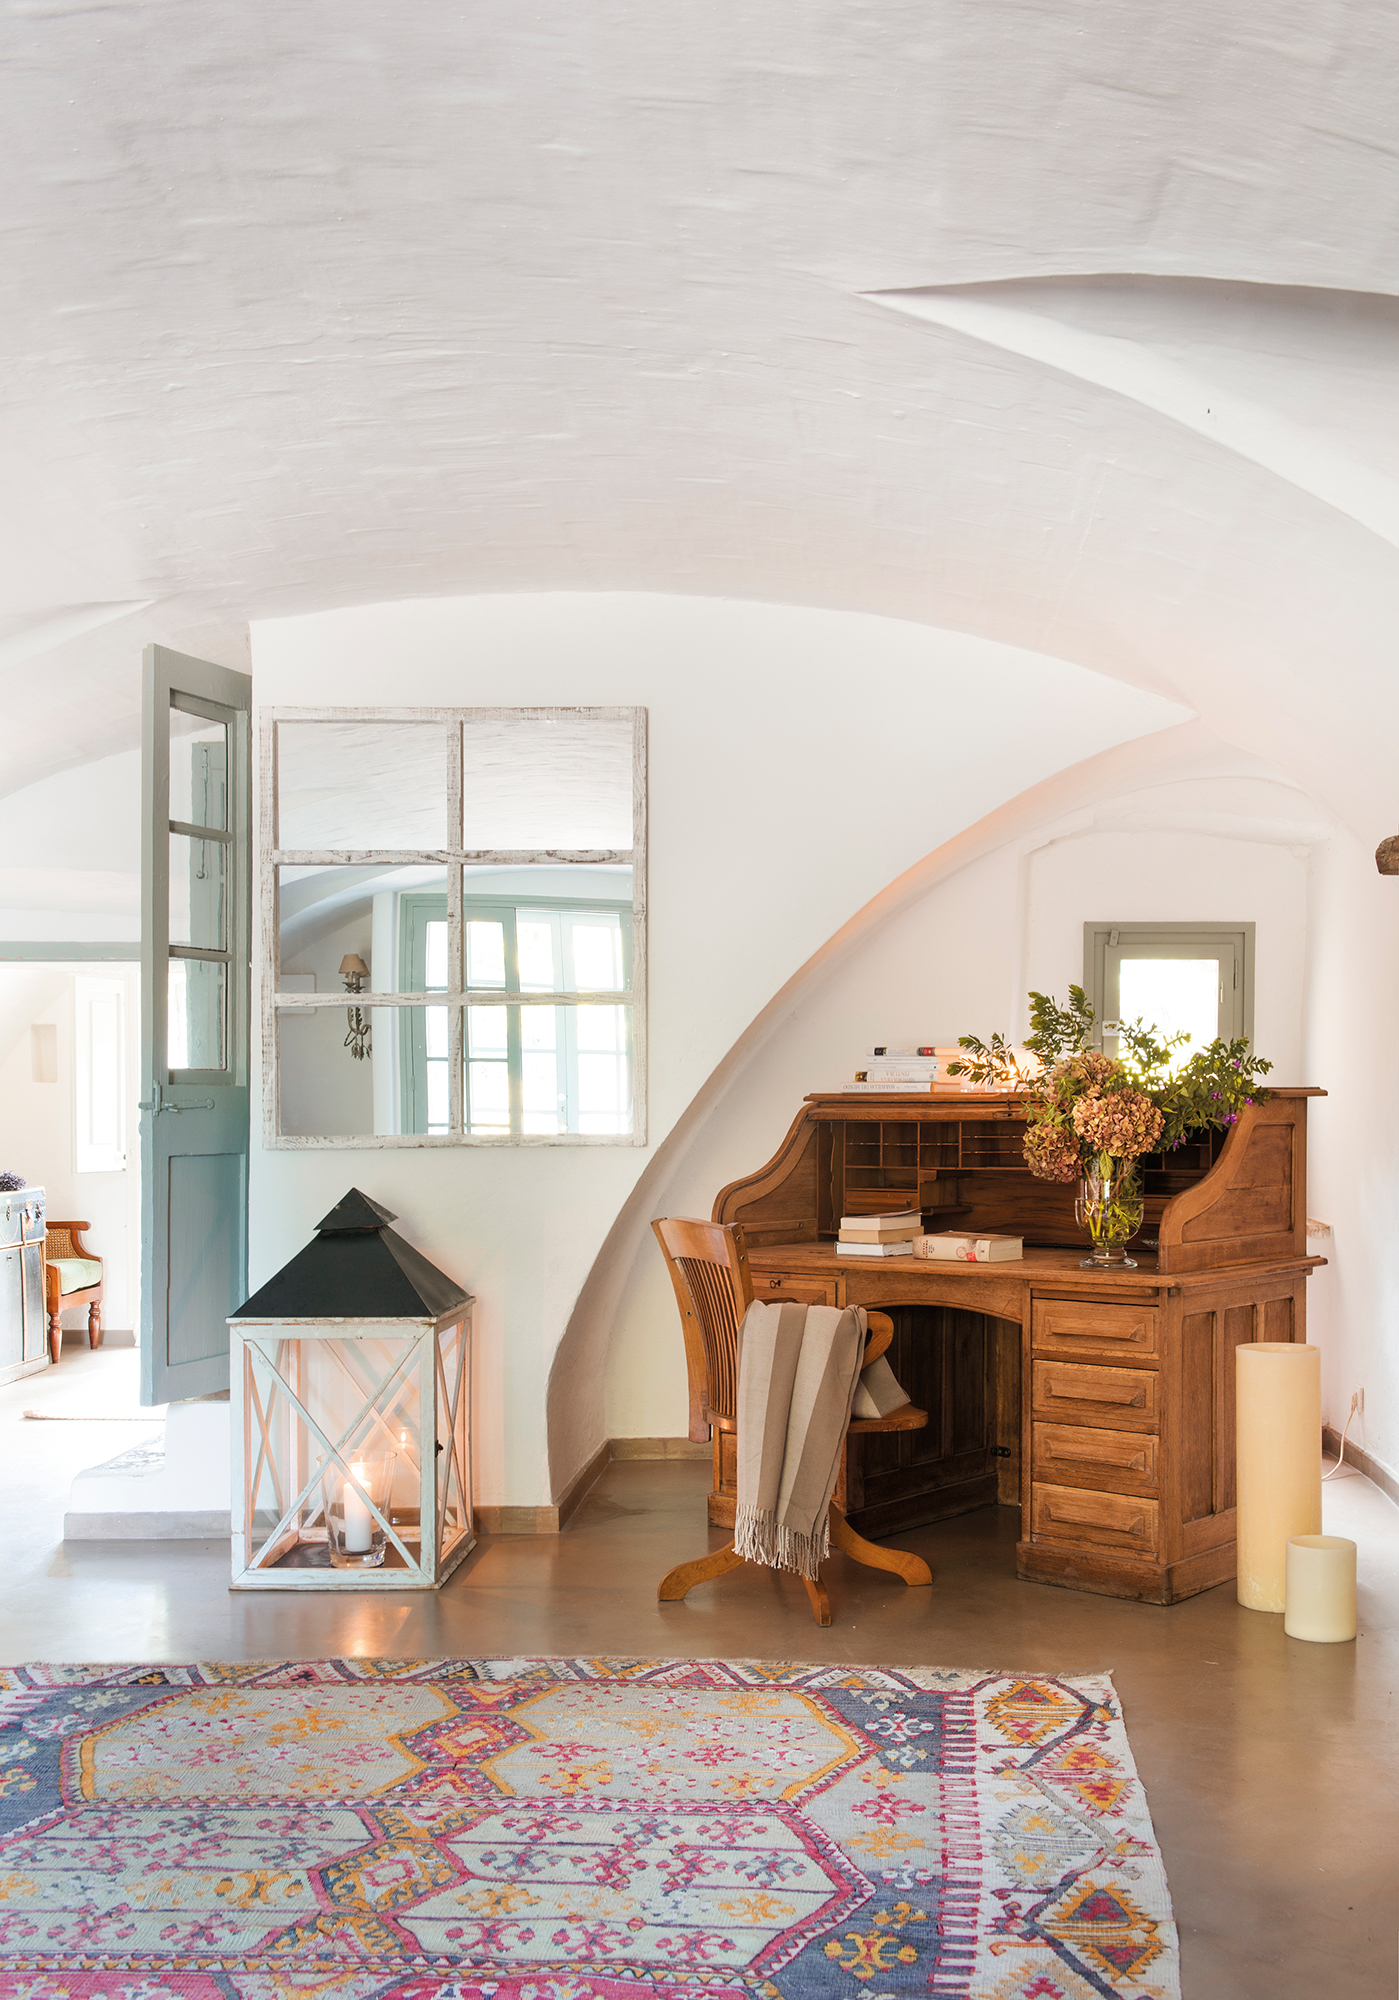 Muebles vintage y otras piezas que suman personalidad a la decoración